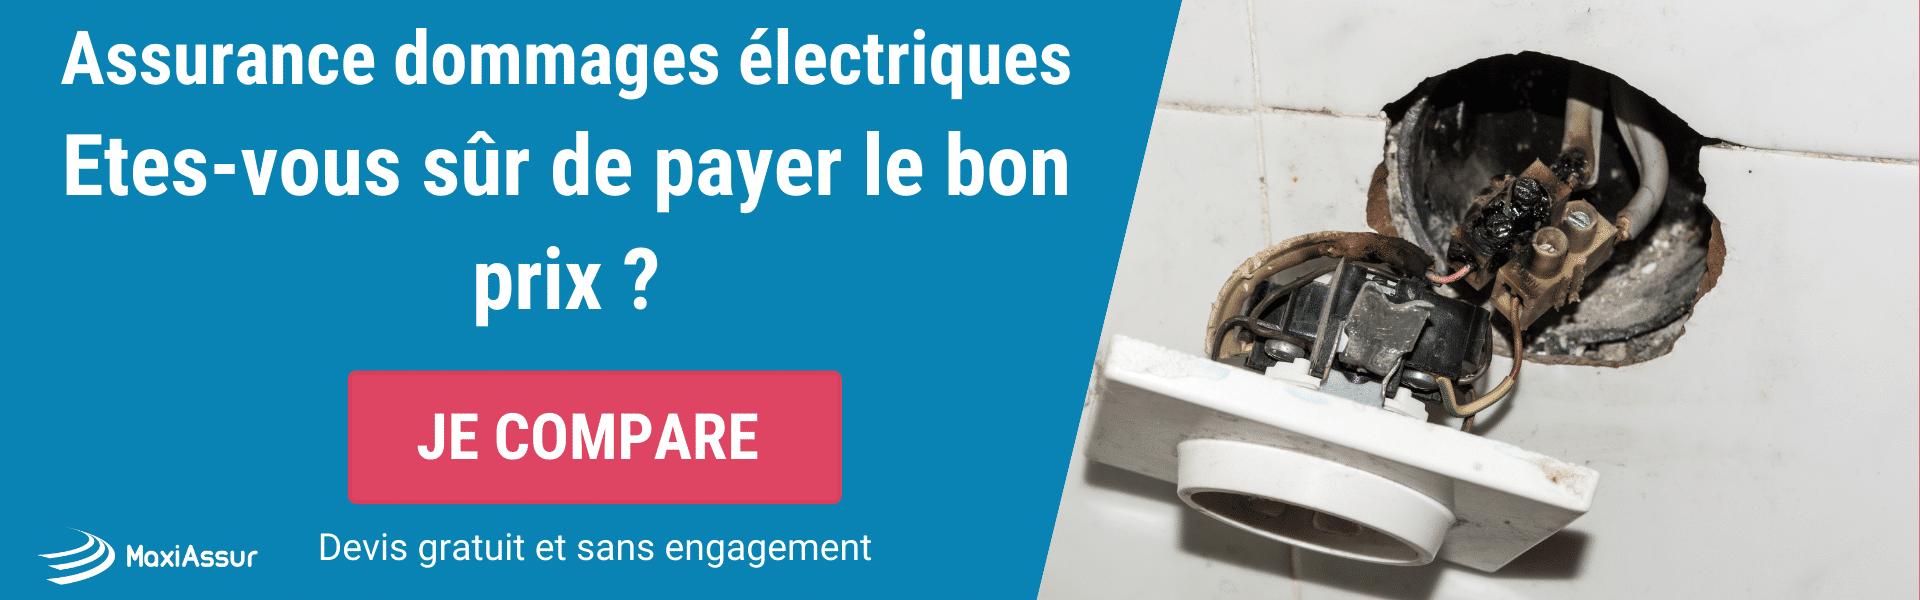 Assurance Dommages Électriques